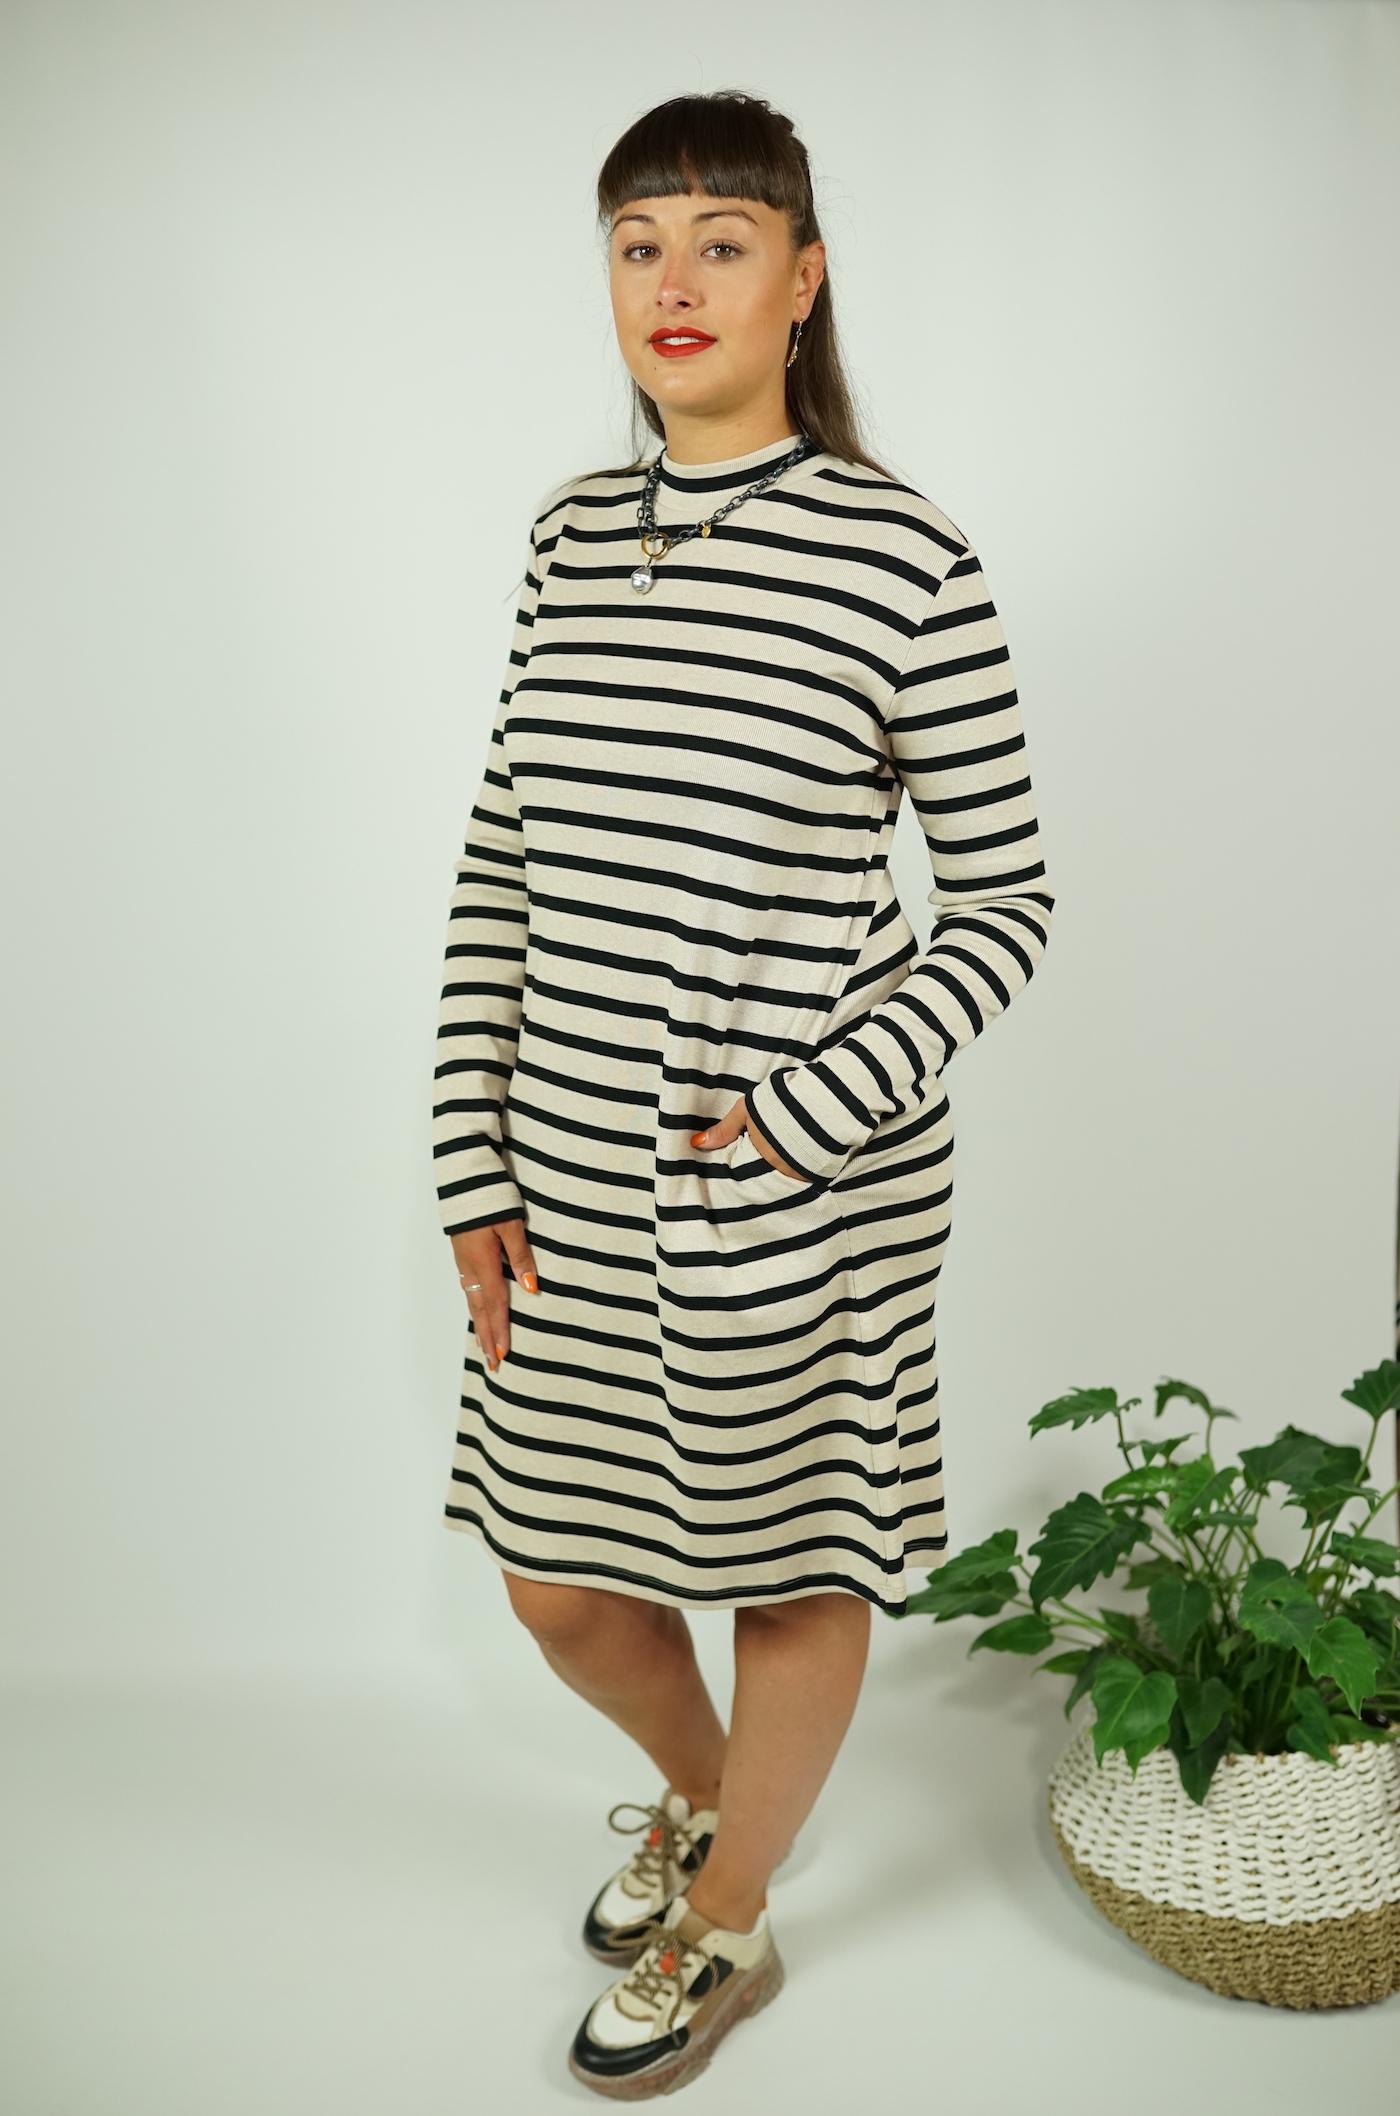 Kleid Streifen Biobaumwolle Lanius